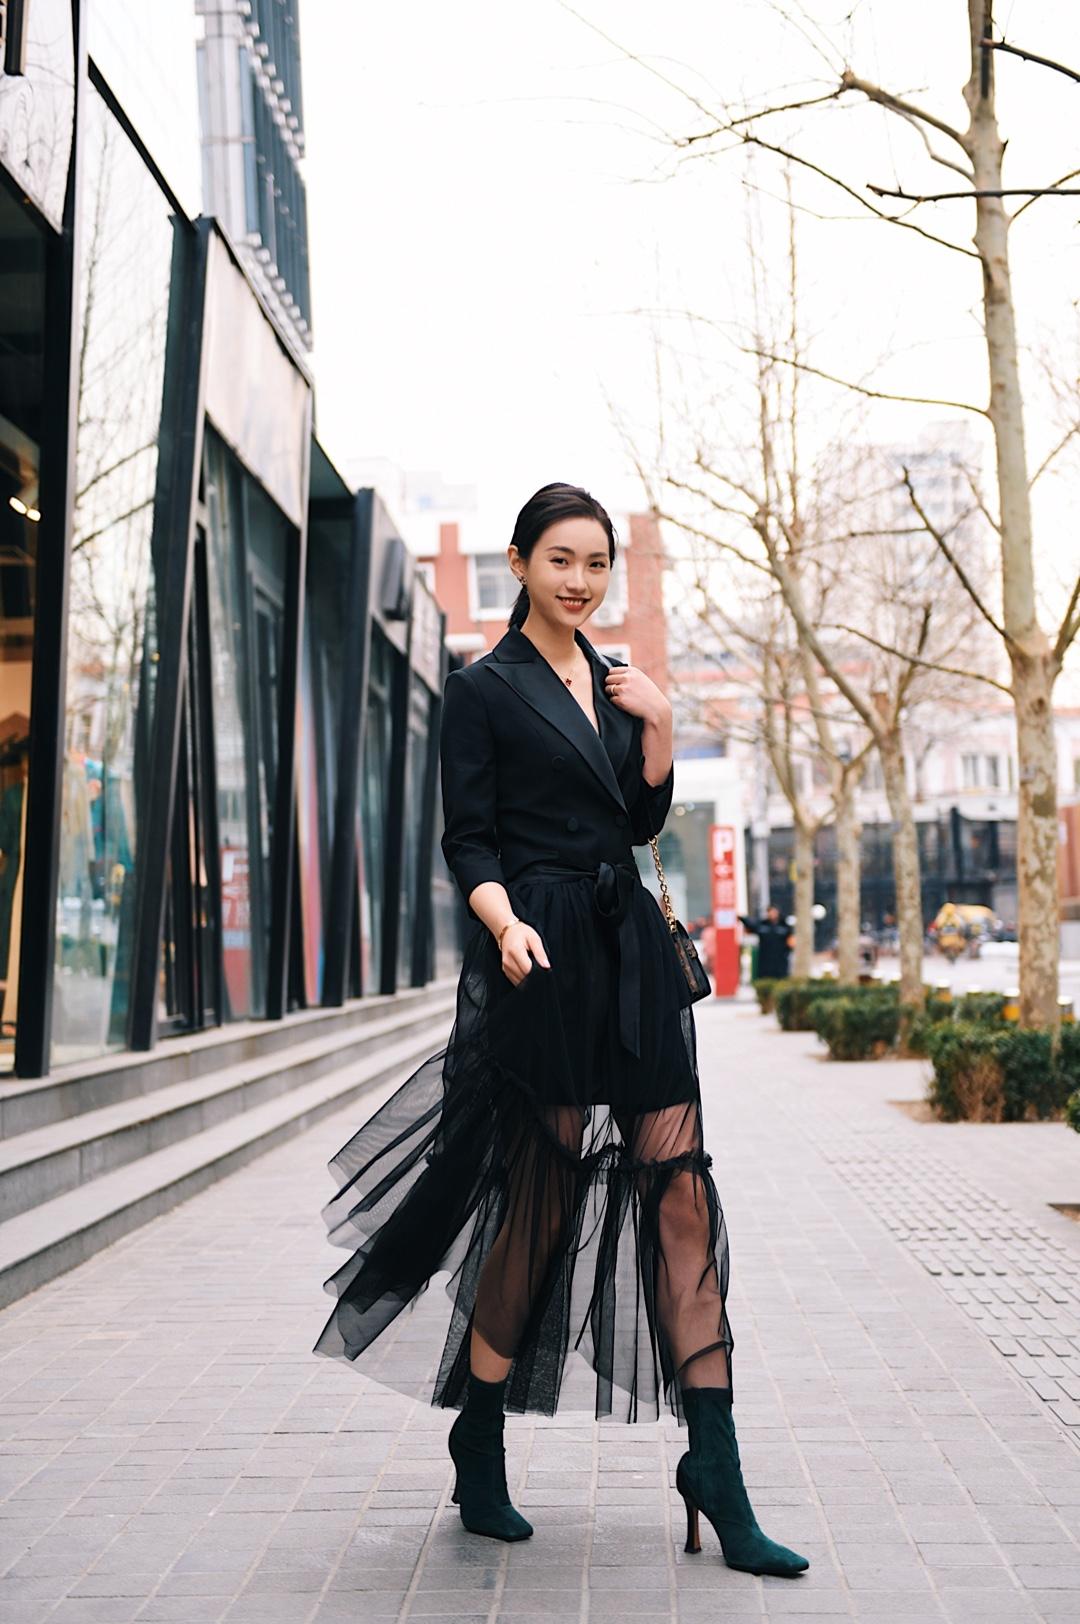 实用主义一衣多穿 黑色西装裙+蝴蝶结纱裙 Tie for her这个裙子就是神仙设计啊,找了好久的款式,西装可以单独穿,适合上班啦开会啦,参加正式的活动啦,加一个黑色纱的衬裙,在腰间一系,下班立马就能去约会啦party啦! 外面一层纱放在包包里既不怕皱也不占空间,走路若隐若现的,特别有女人味。 西装本身给人的感觉就是有距离感,加上纱裙以后又会把这种距离感拉近,设计师简直太棒了! 翻领的设计是缎面,和腰间的蝴蝶结呼应,整个面料就是光滑有质感,随着光线会折射出不一样的黑色感觉,想不吸引目光都很难!每次穿她就觉得自己可以翩翩起舞! #春日小姐姐feel,是心动的感觉!#